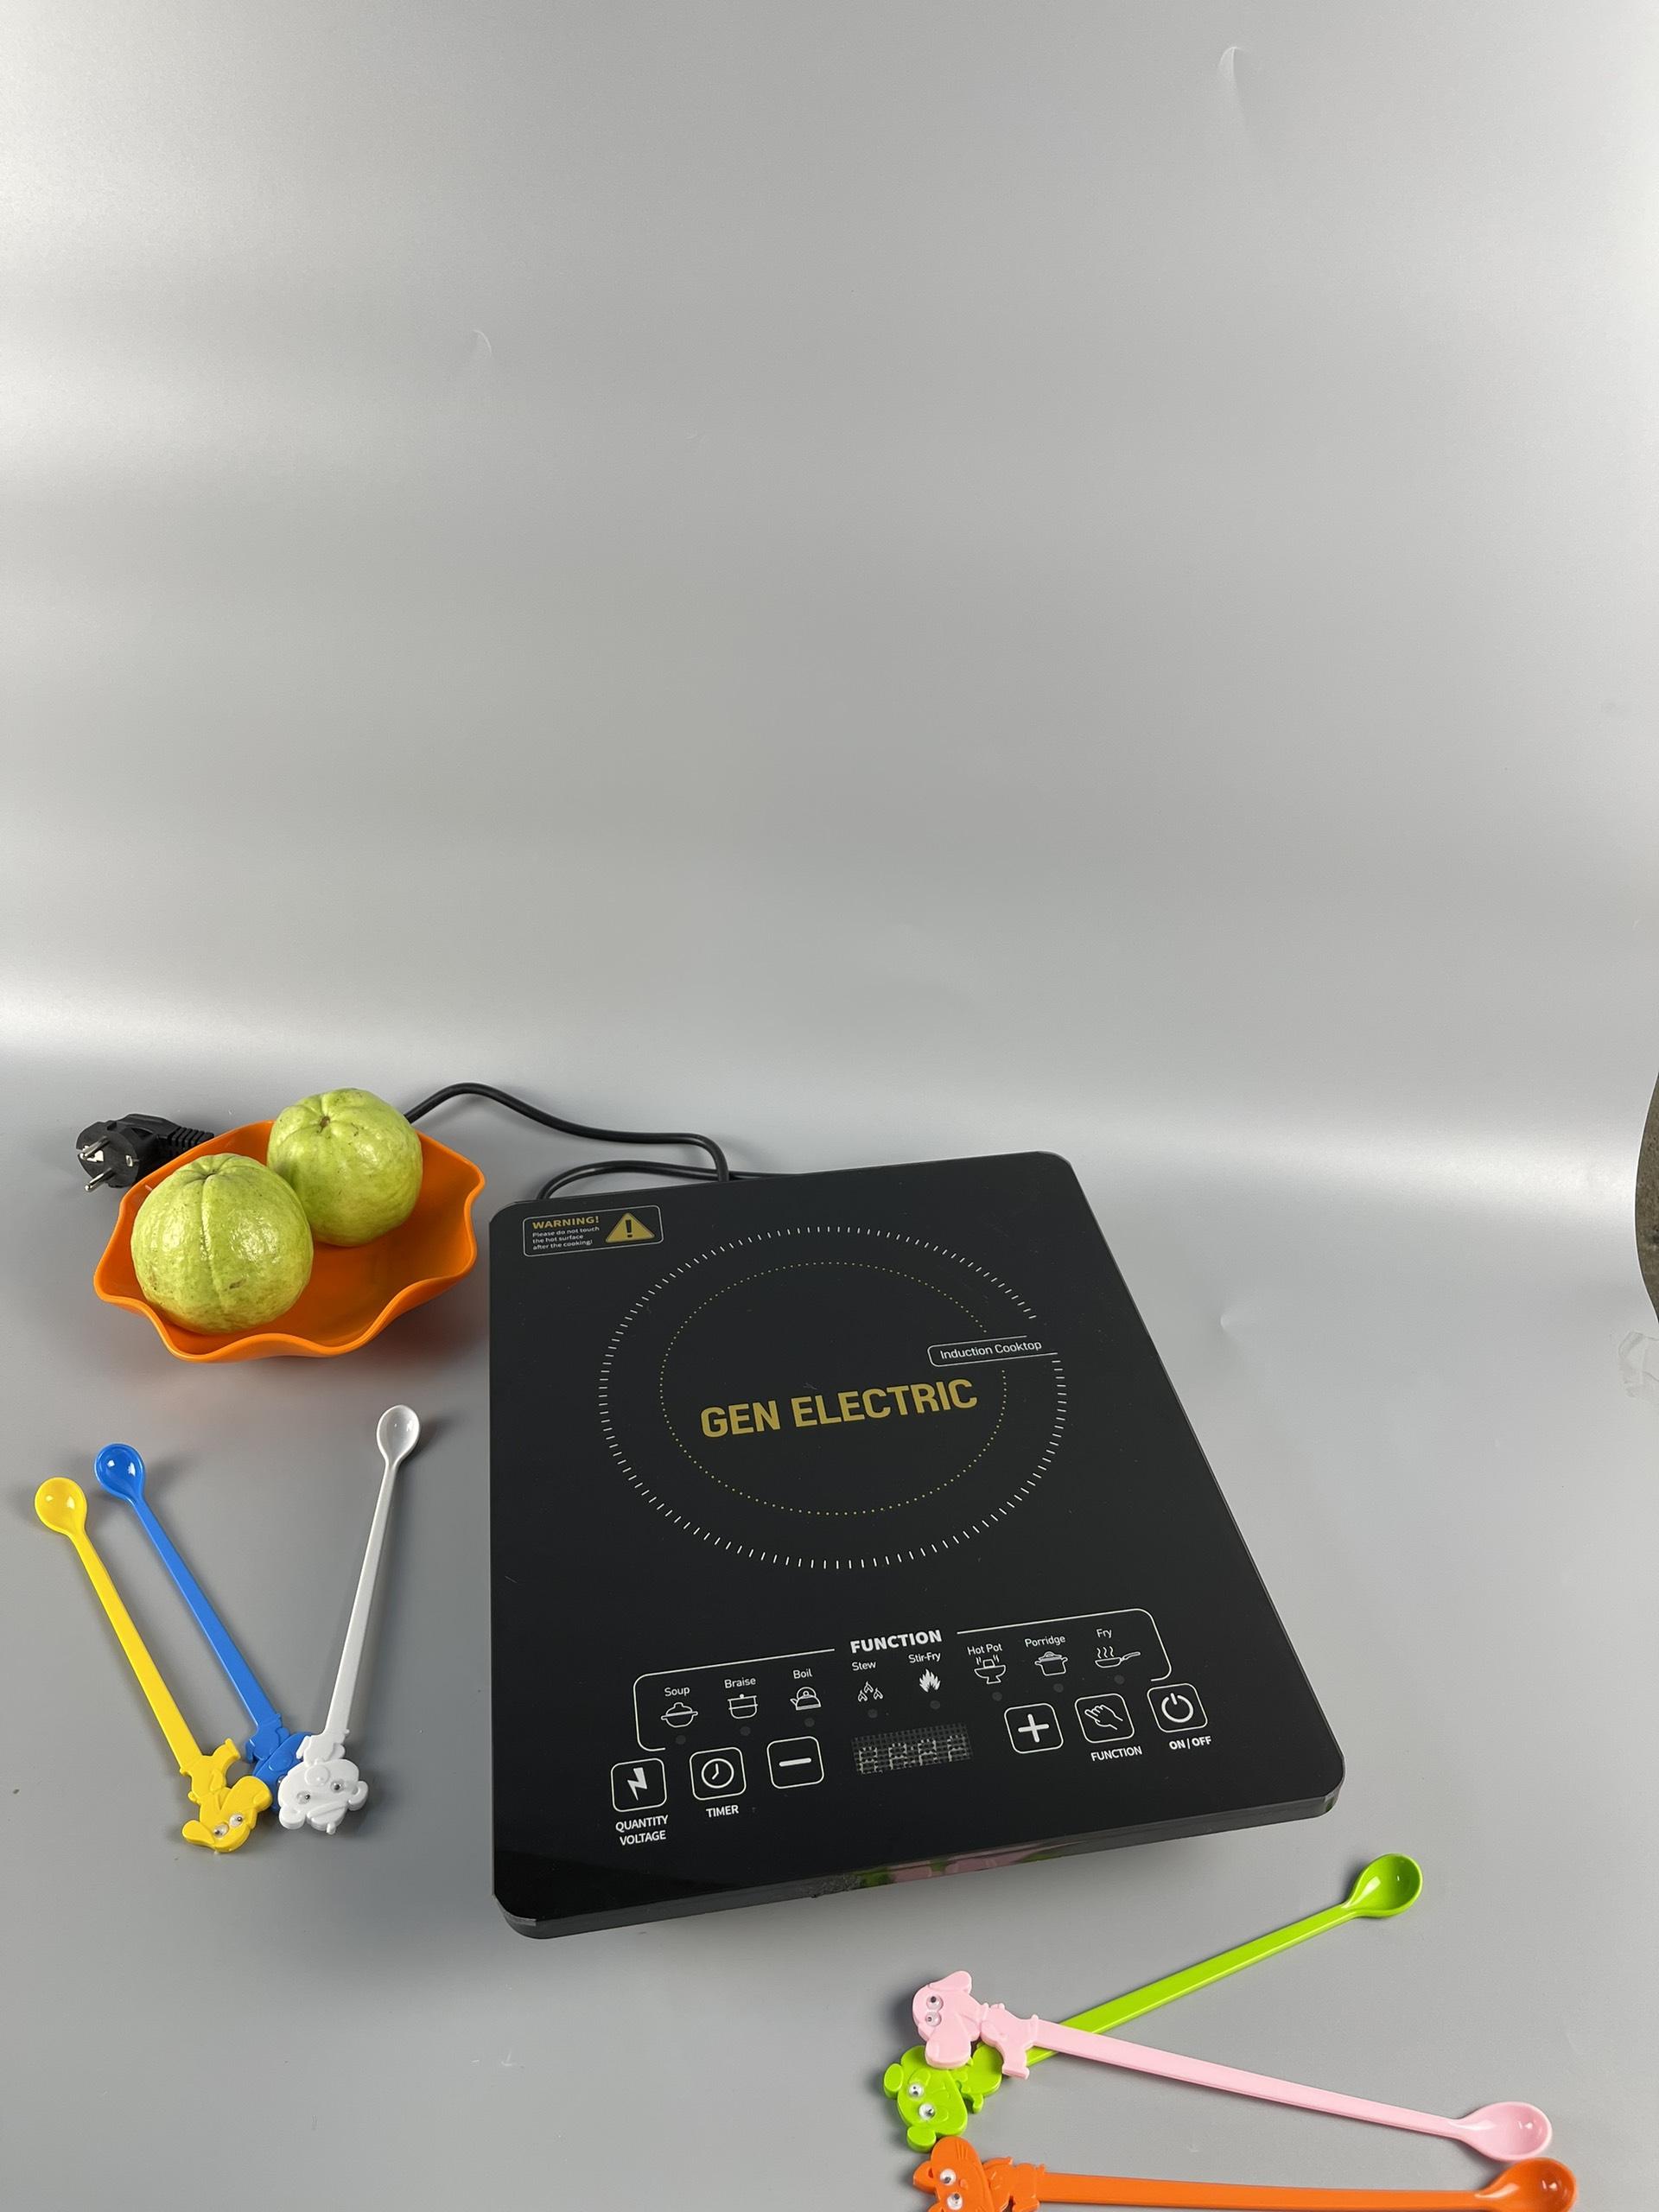 Bếp từ, bếp từ đơn thương hiệu Gen electric GE-A03 - Công suất 2200w. Bảo hành chính hãng 12 tháng, lỗi đổi mới trong 30 ngày.